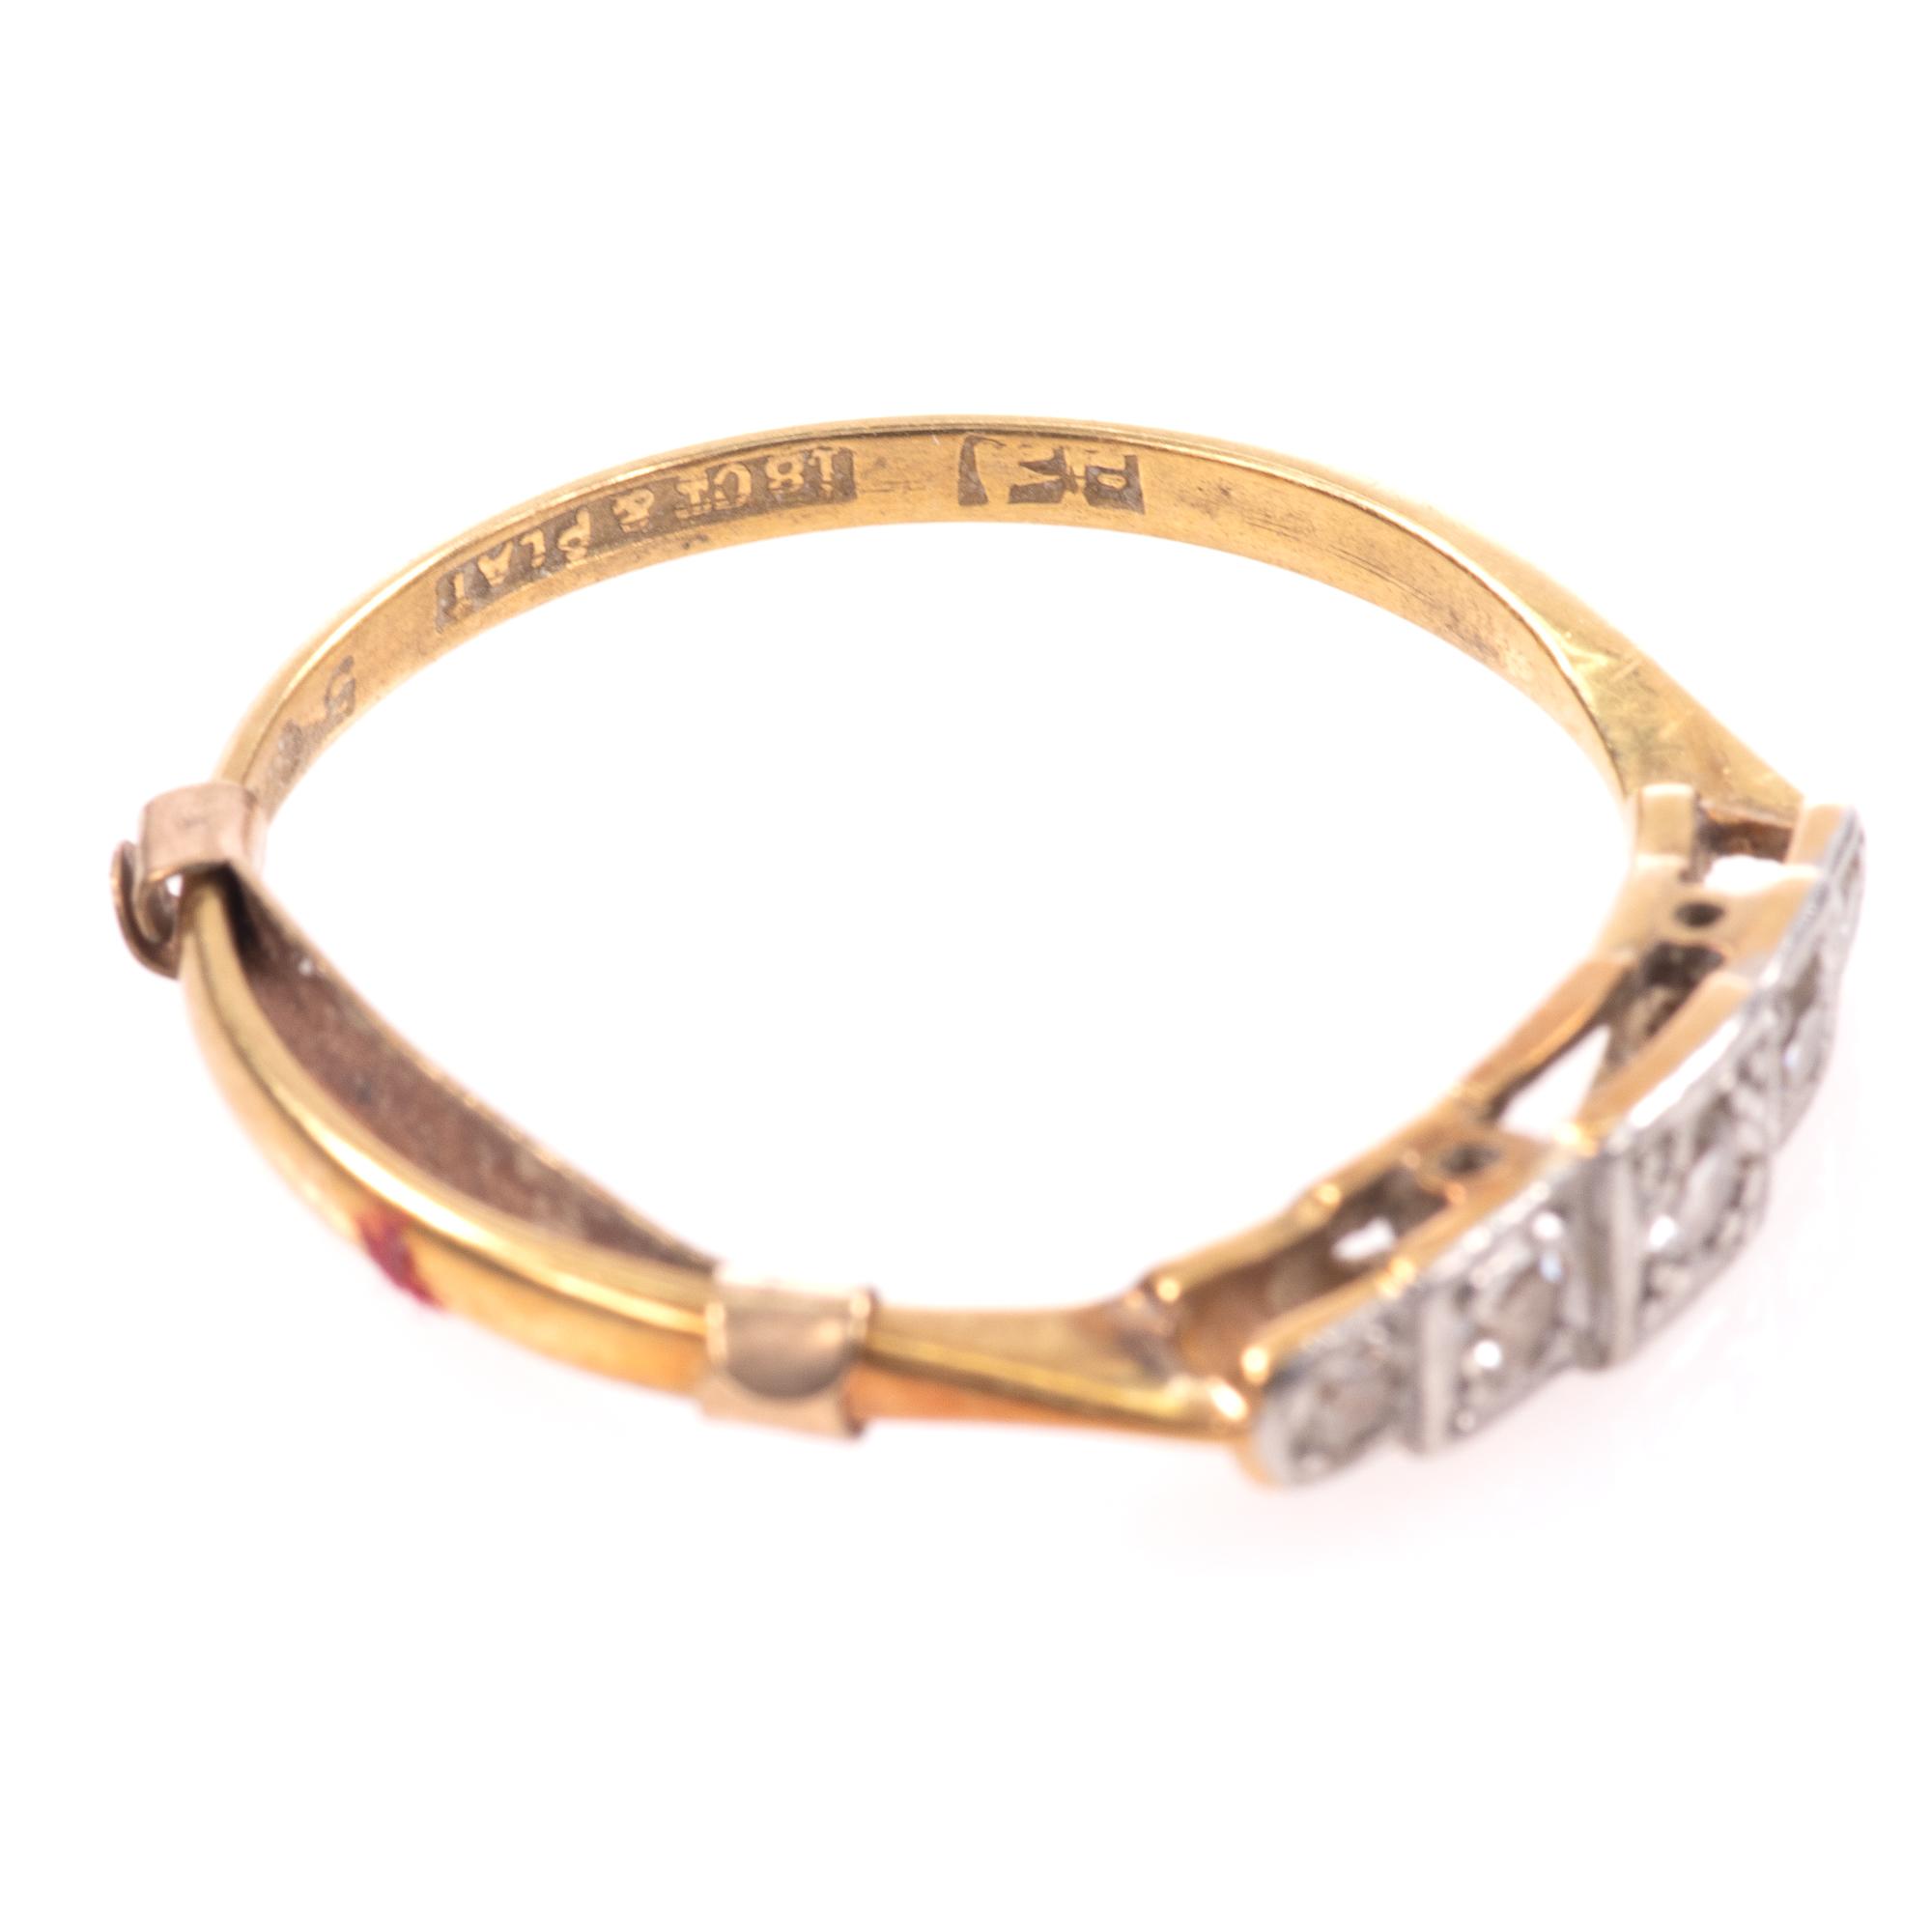 18ct Gold & Platinum Art Deco Diamond Ring - Image 7 of 9